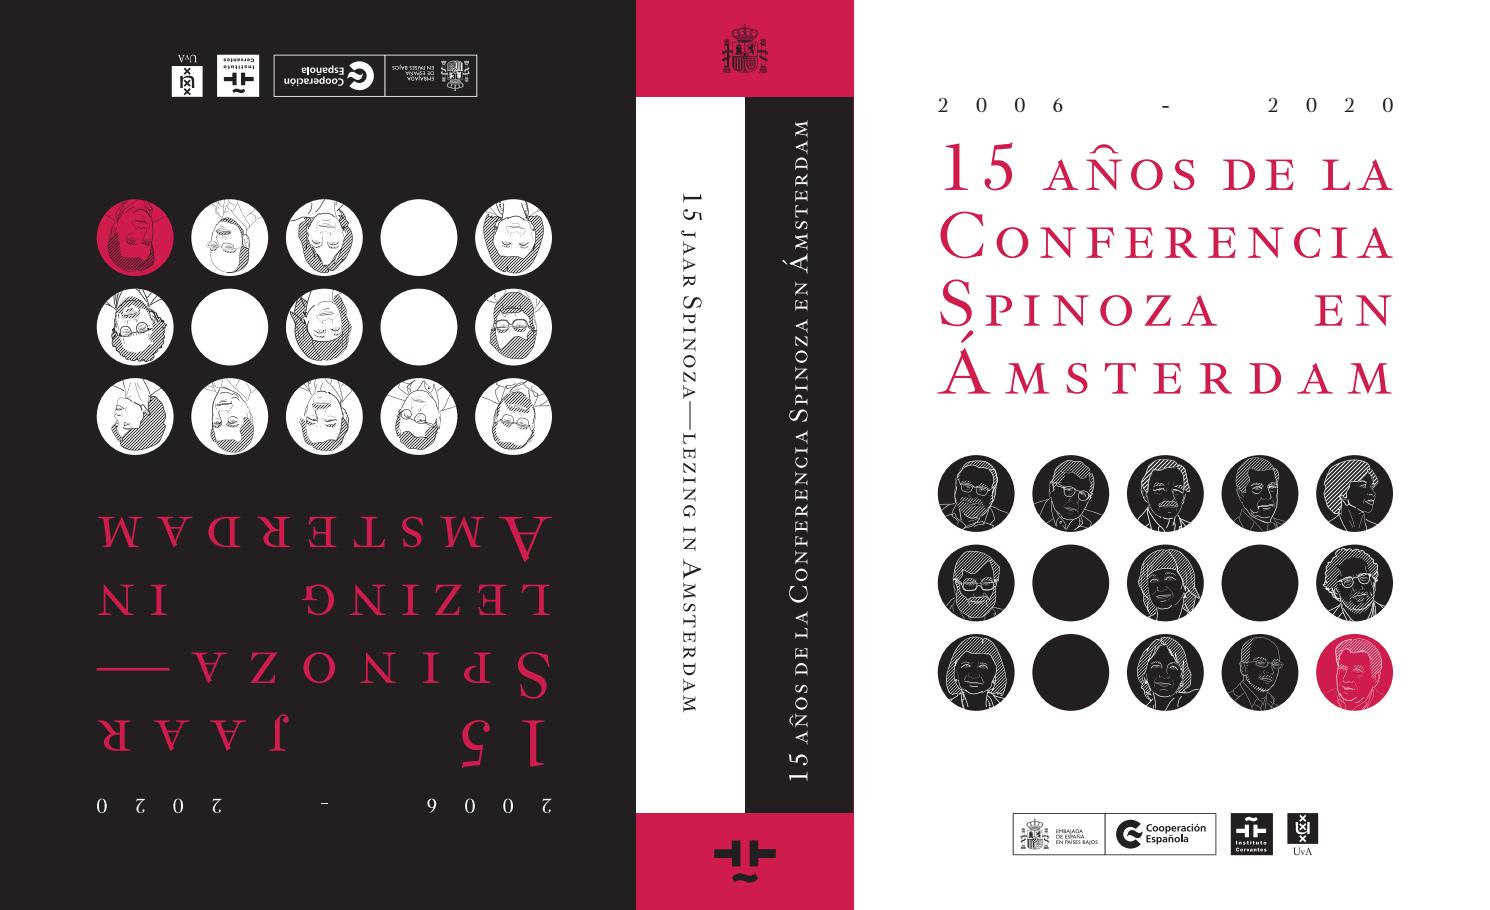 15 Años De La Conferencia Spinoza En Amsterdam 2006 2020 15 Jaar Spinoza Lezing In Amsterdam By Aecid Publicaciones Issuu